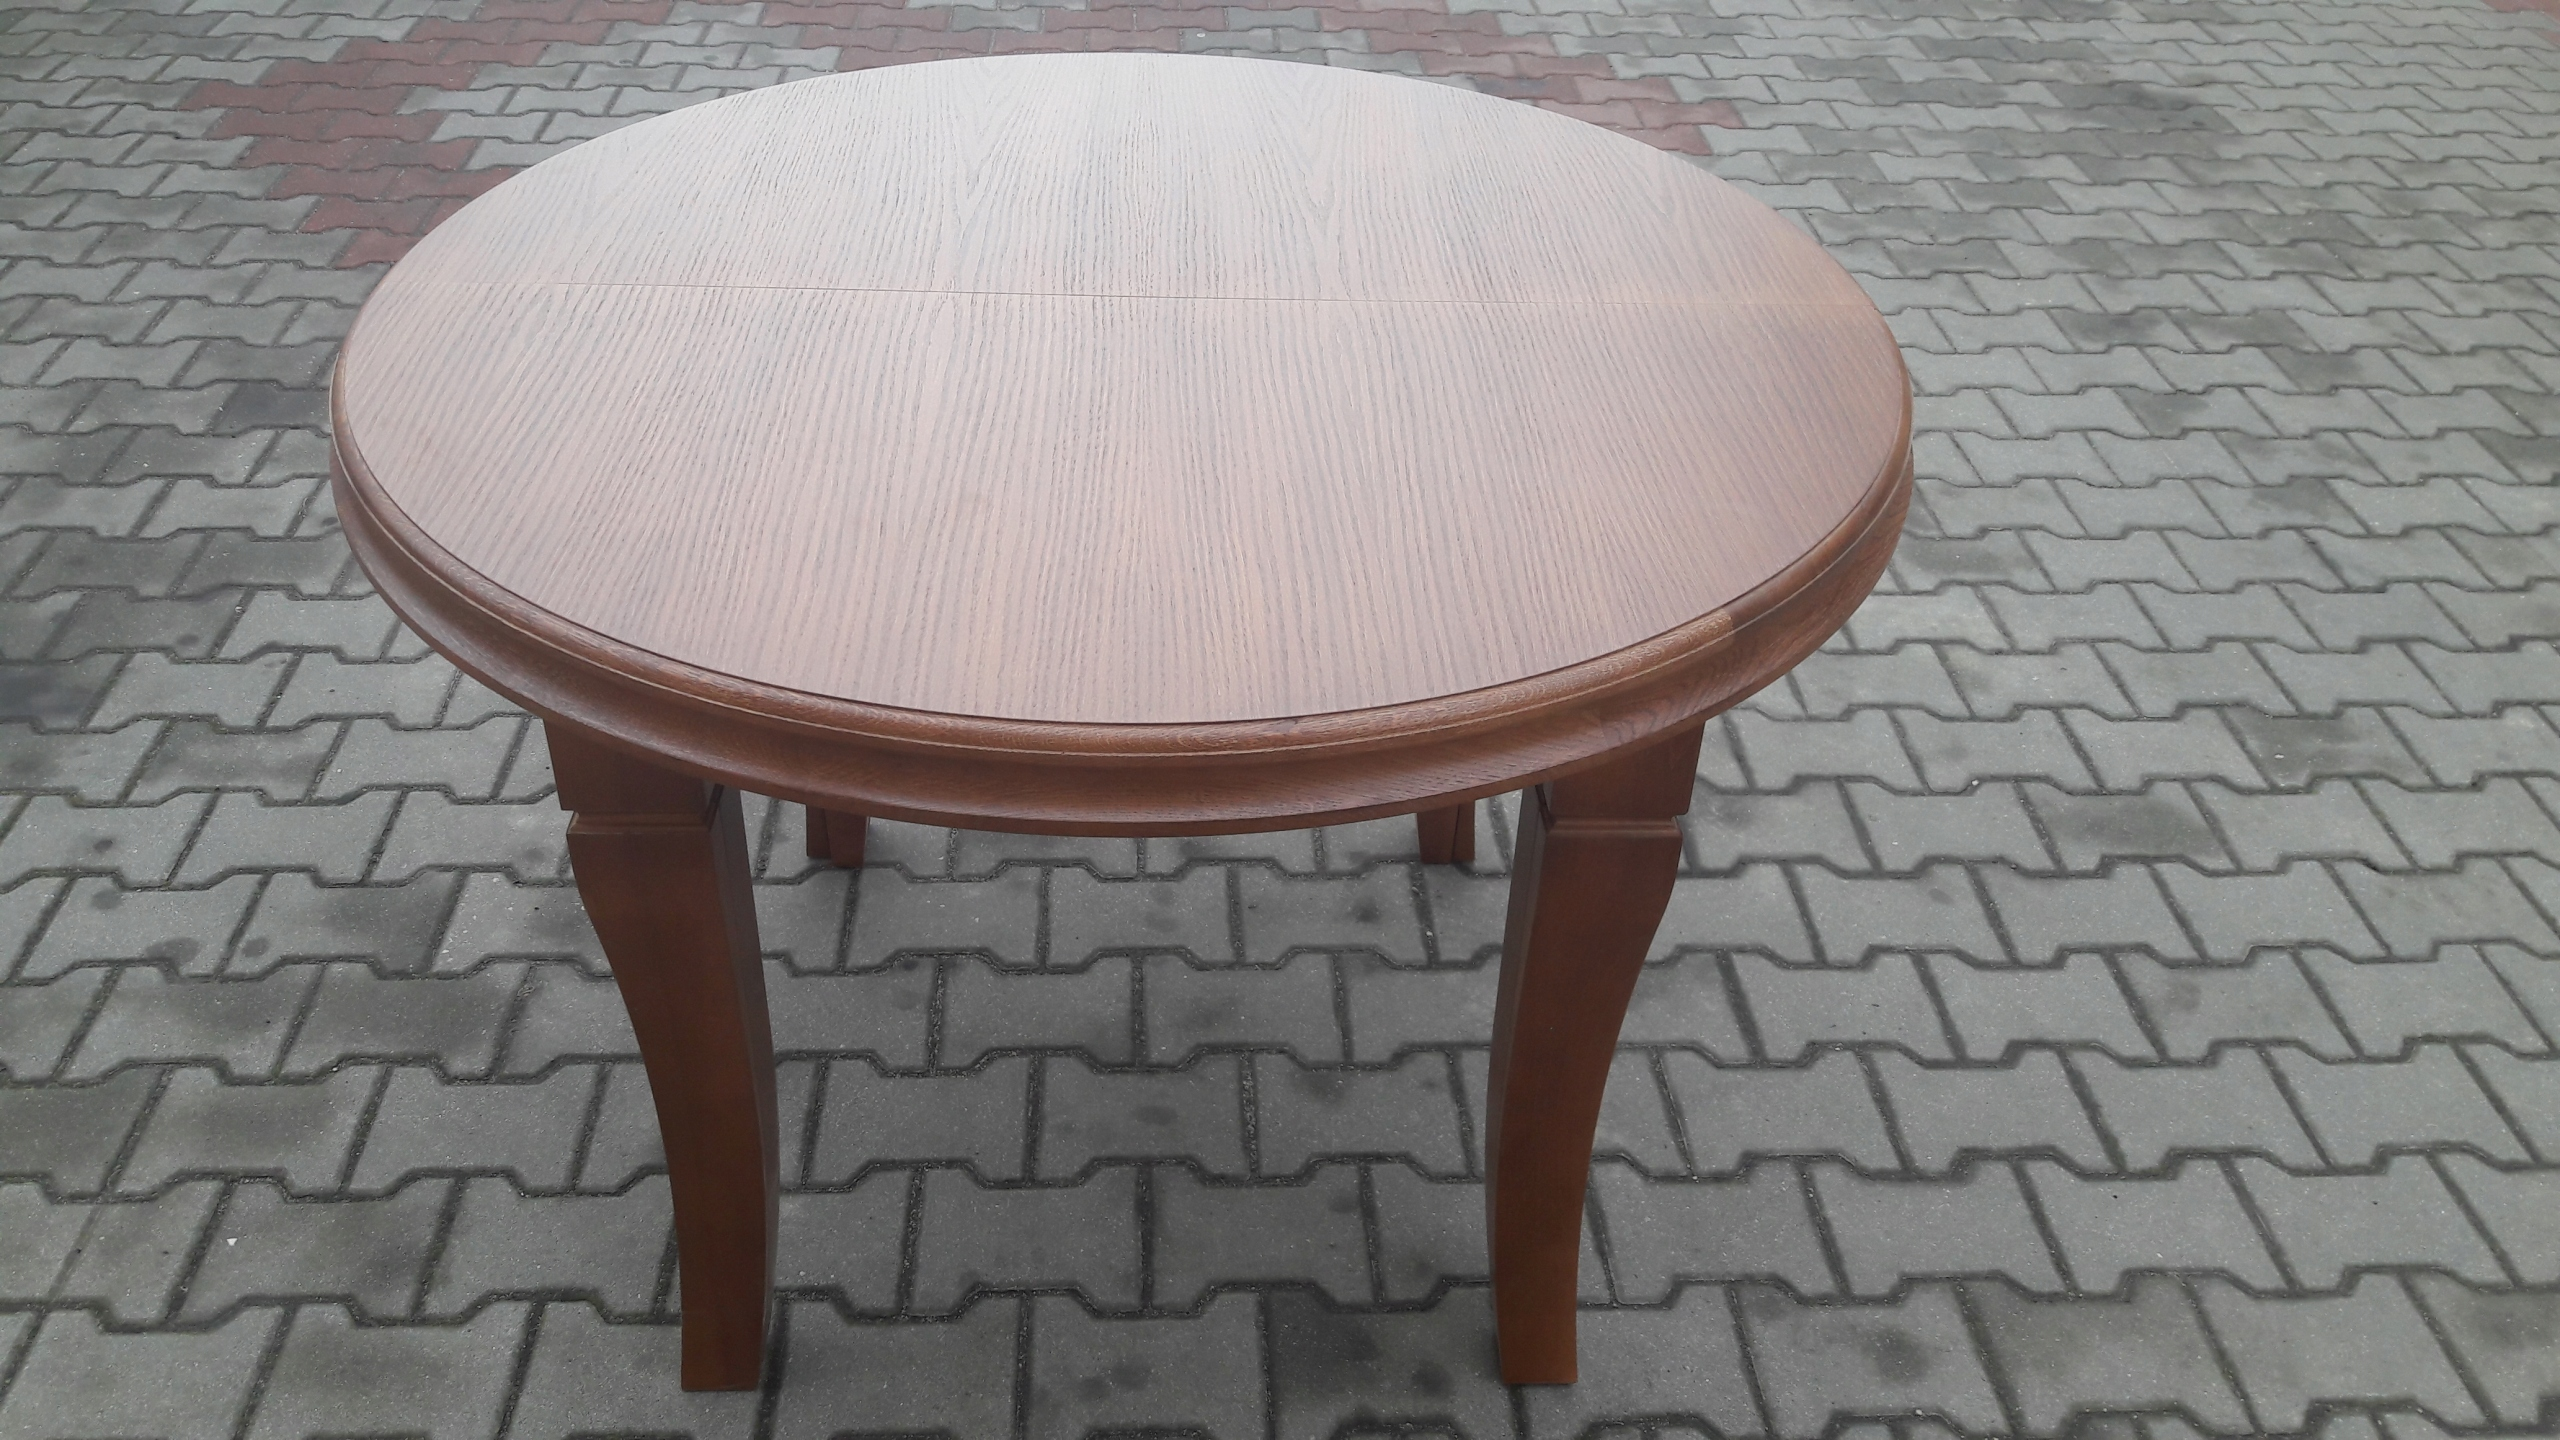 Okrúhly stôl 130 cm x 430 cm Mega rozkladací 8 nožičiek